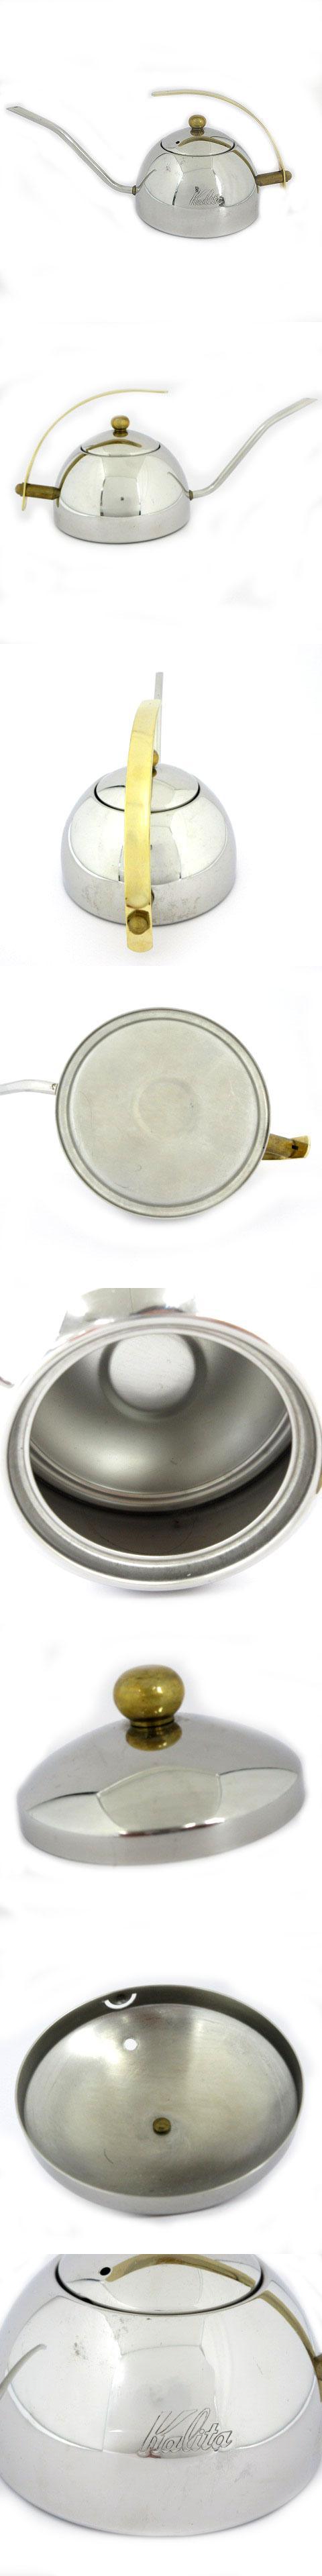 カリタ Kalita コーヒポット 細口 ドリップコーヒー 日本製 ステンレス シルバー ゴールド